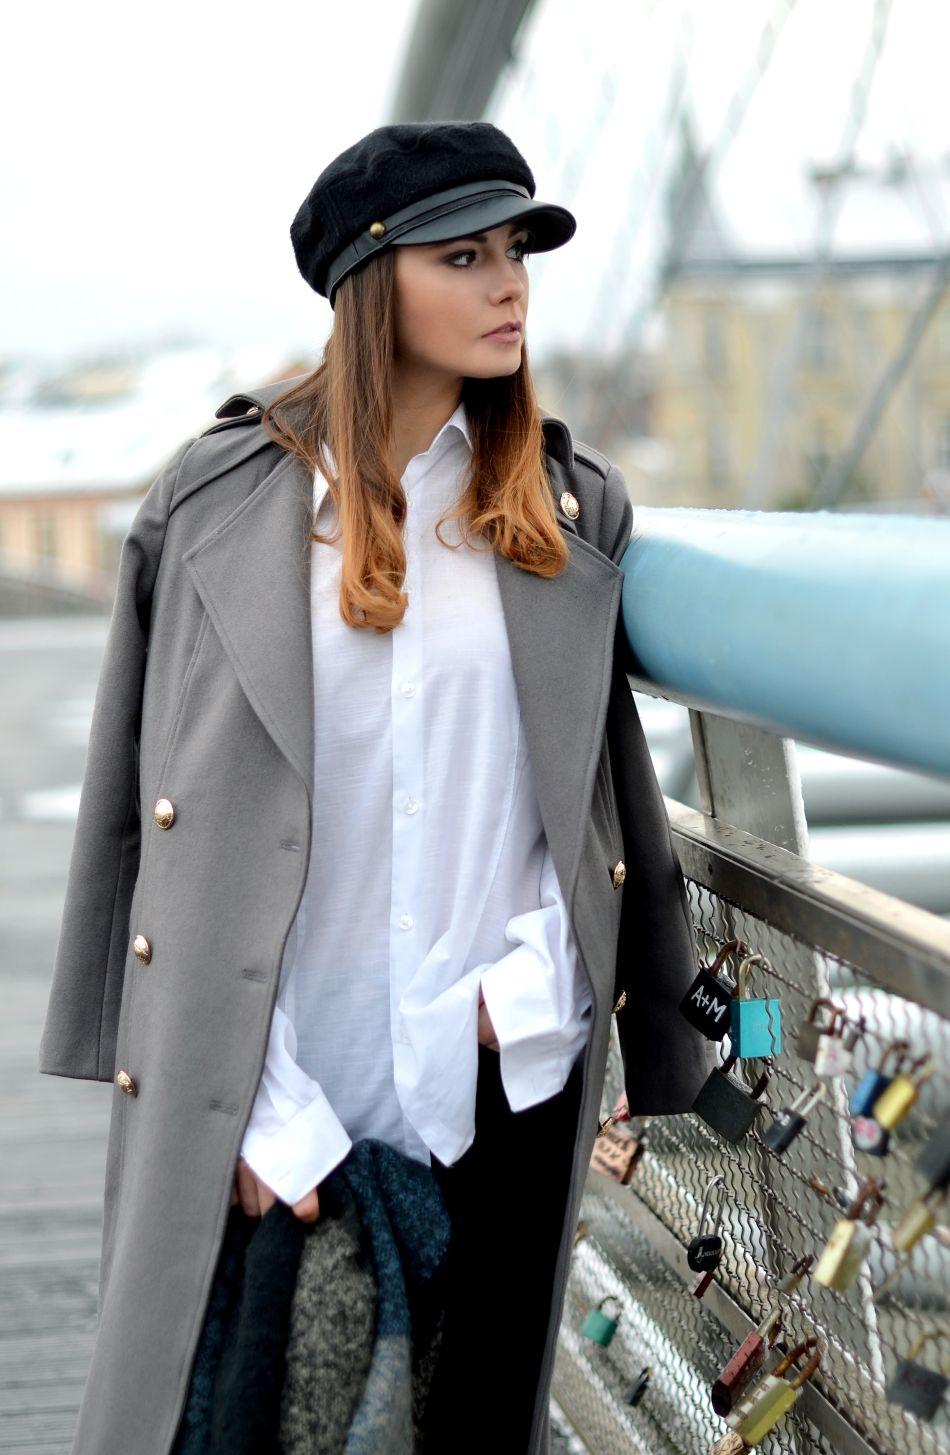 blogi o modzie | urodzie | lifestylowe | motywacyjne